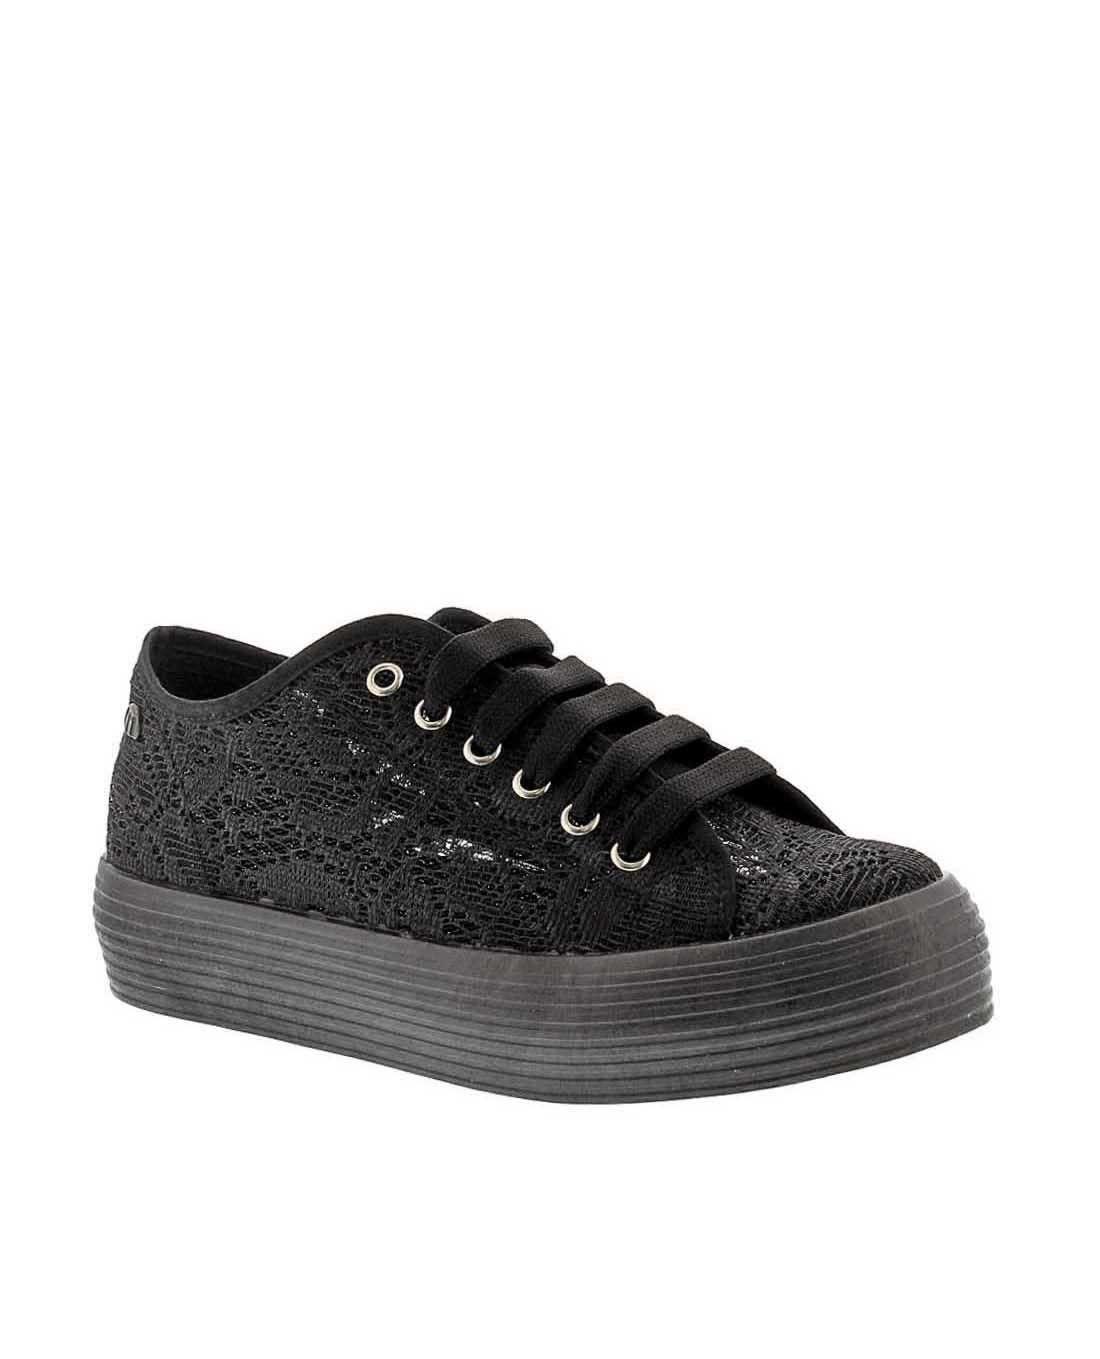 fdaf6d70e97e83 Buy zapatillas vans v authentic burdeo